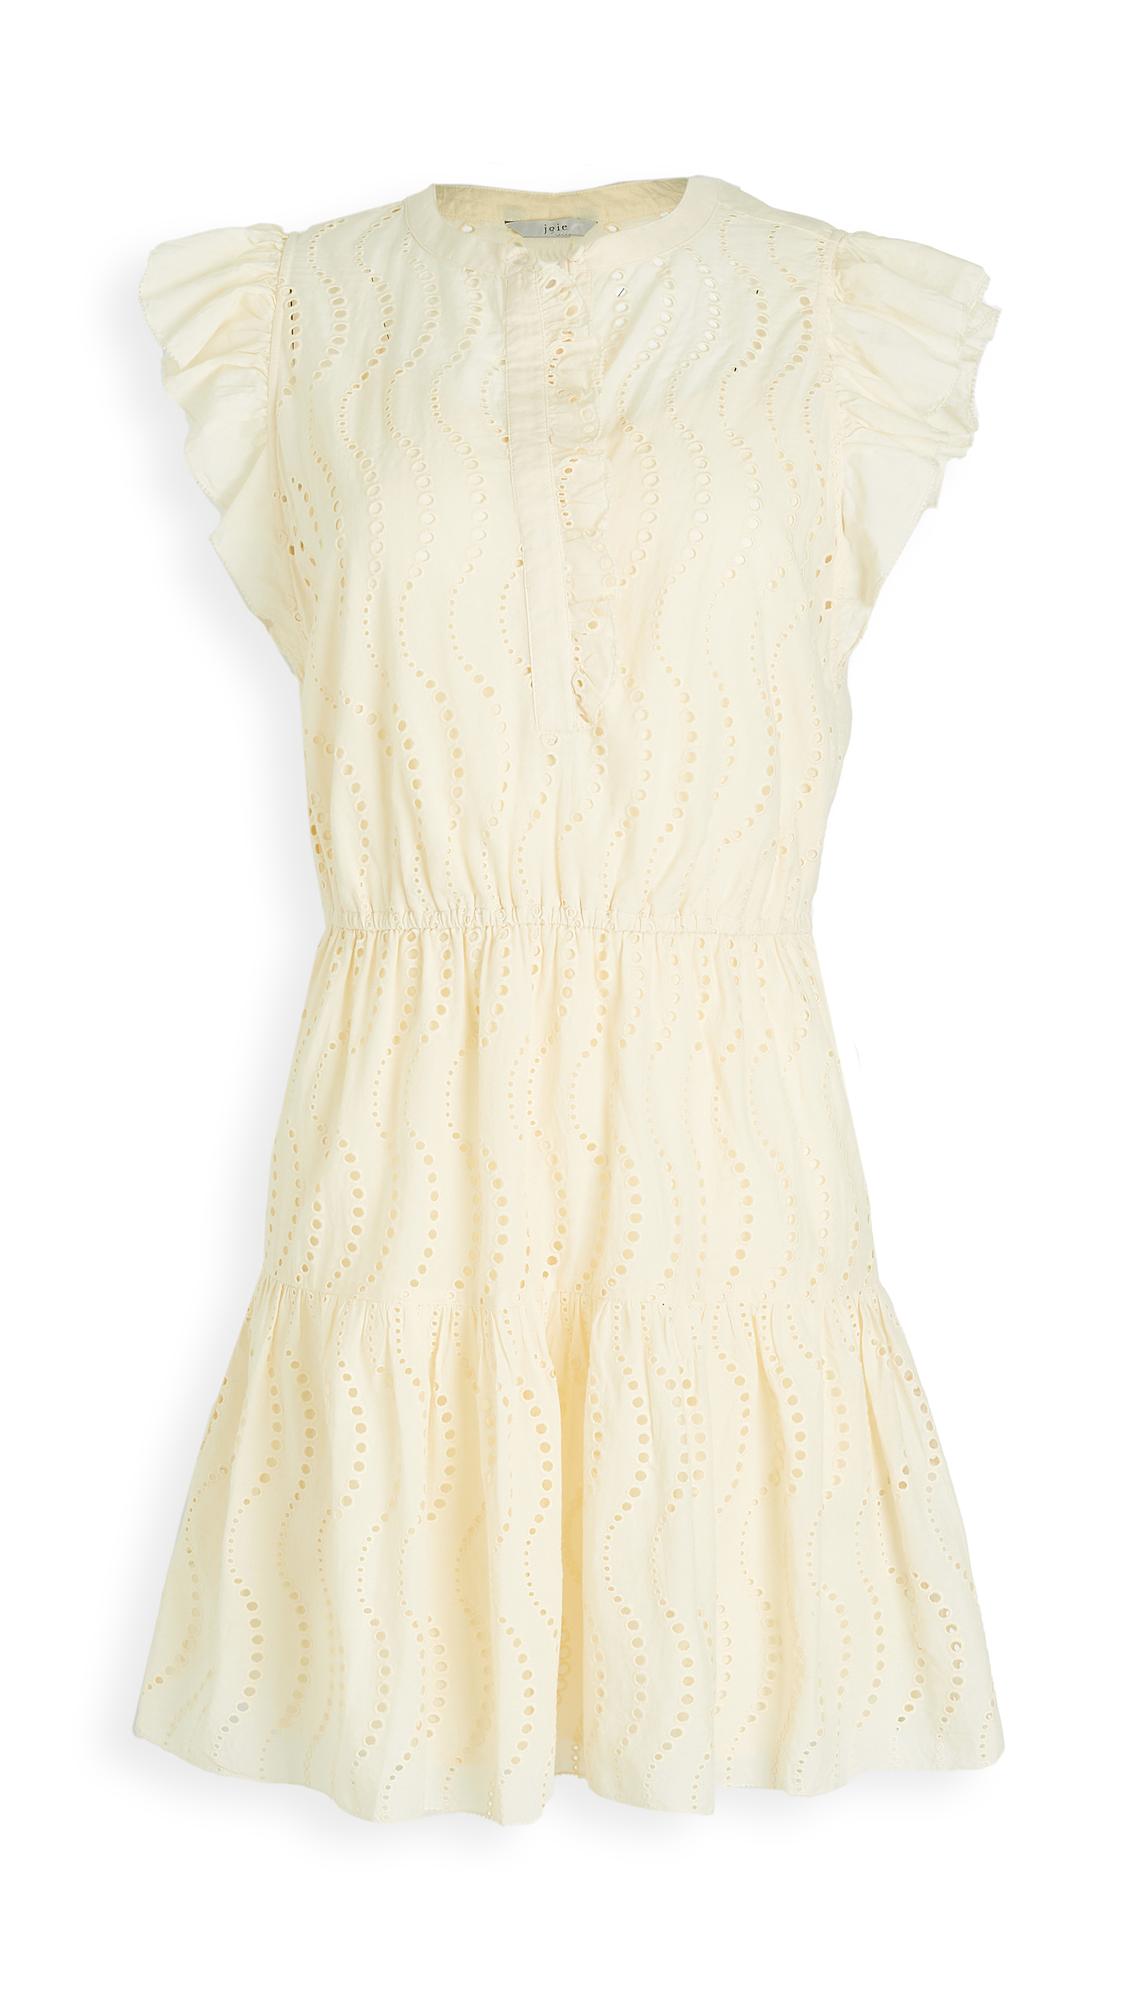 Joie Krystina B Dress - 30% Off Sale